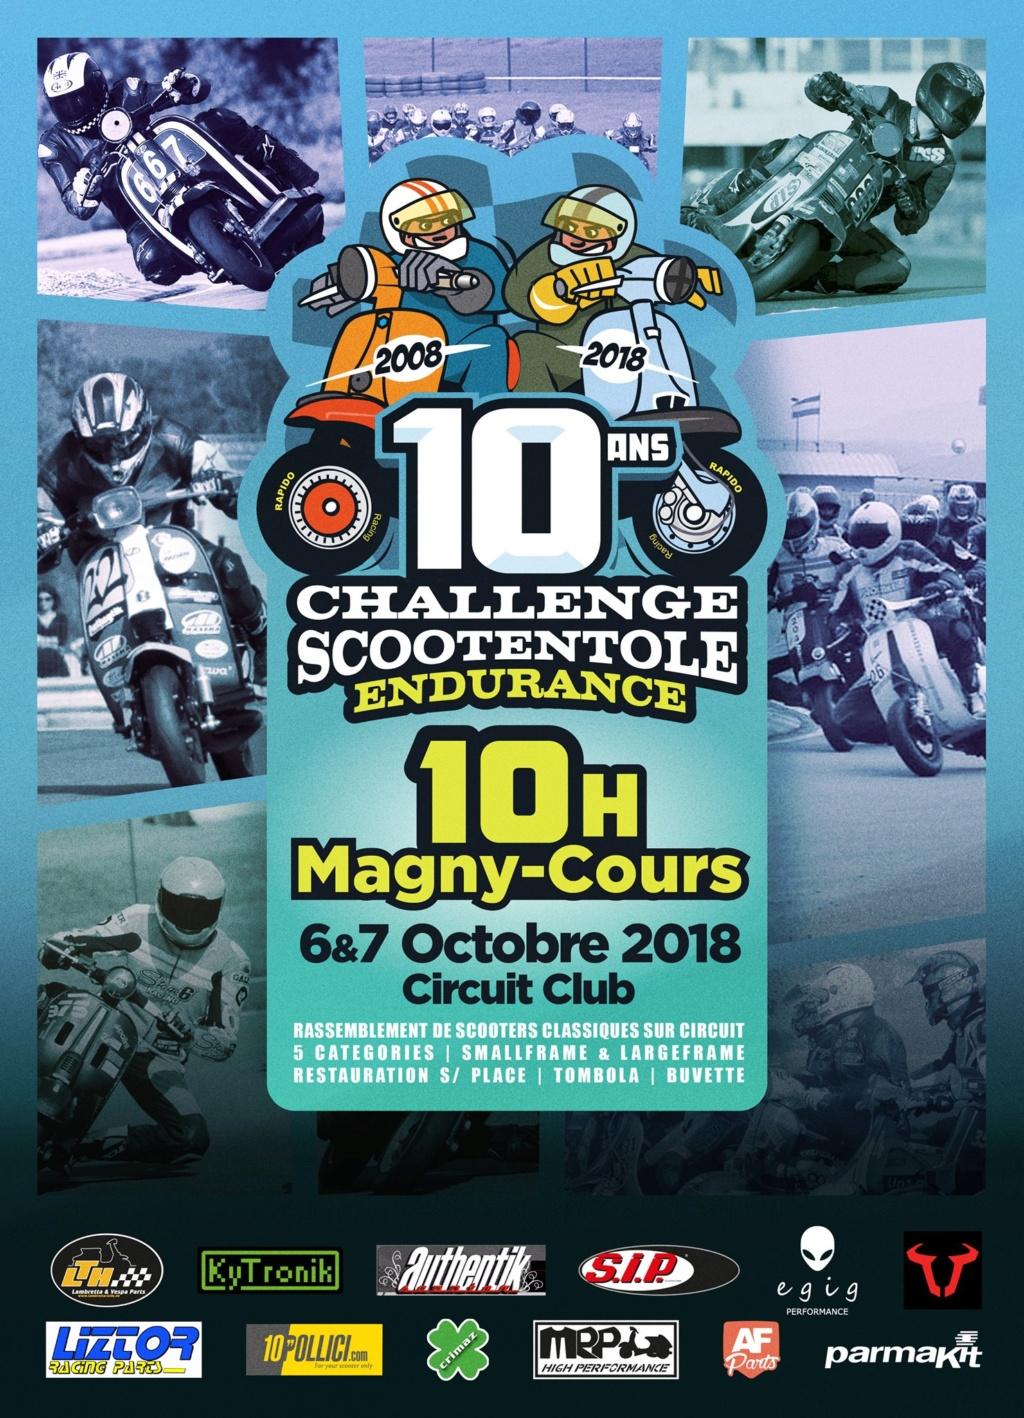 6./7. Octobre équipe de Bella retour à 10 heures de Scooter course à Magny Cours Magny-10